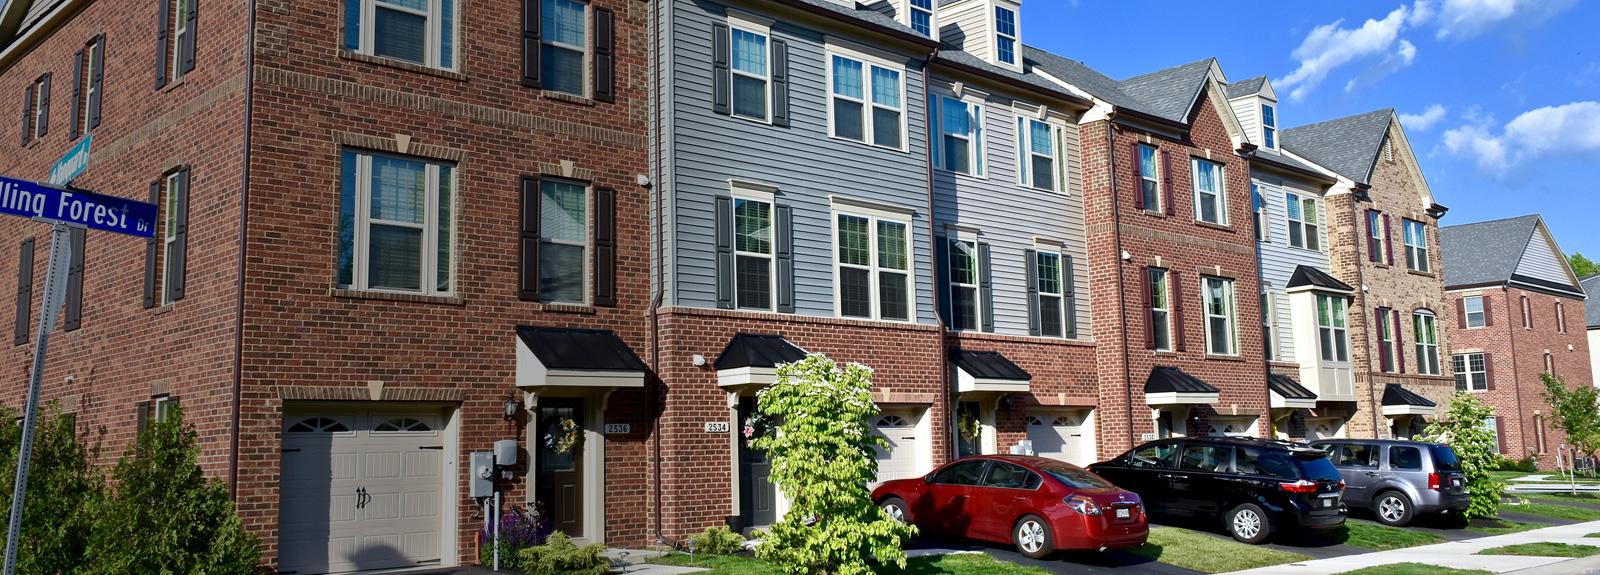 Maryland home warranty company reviews